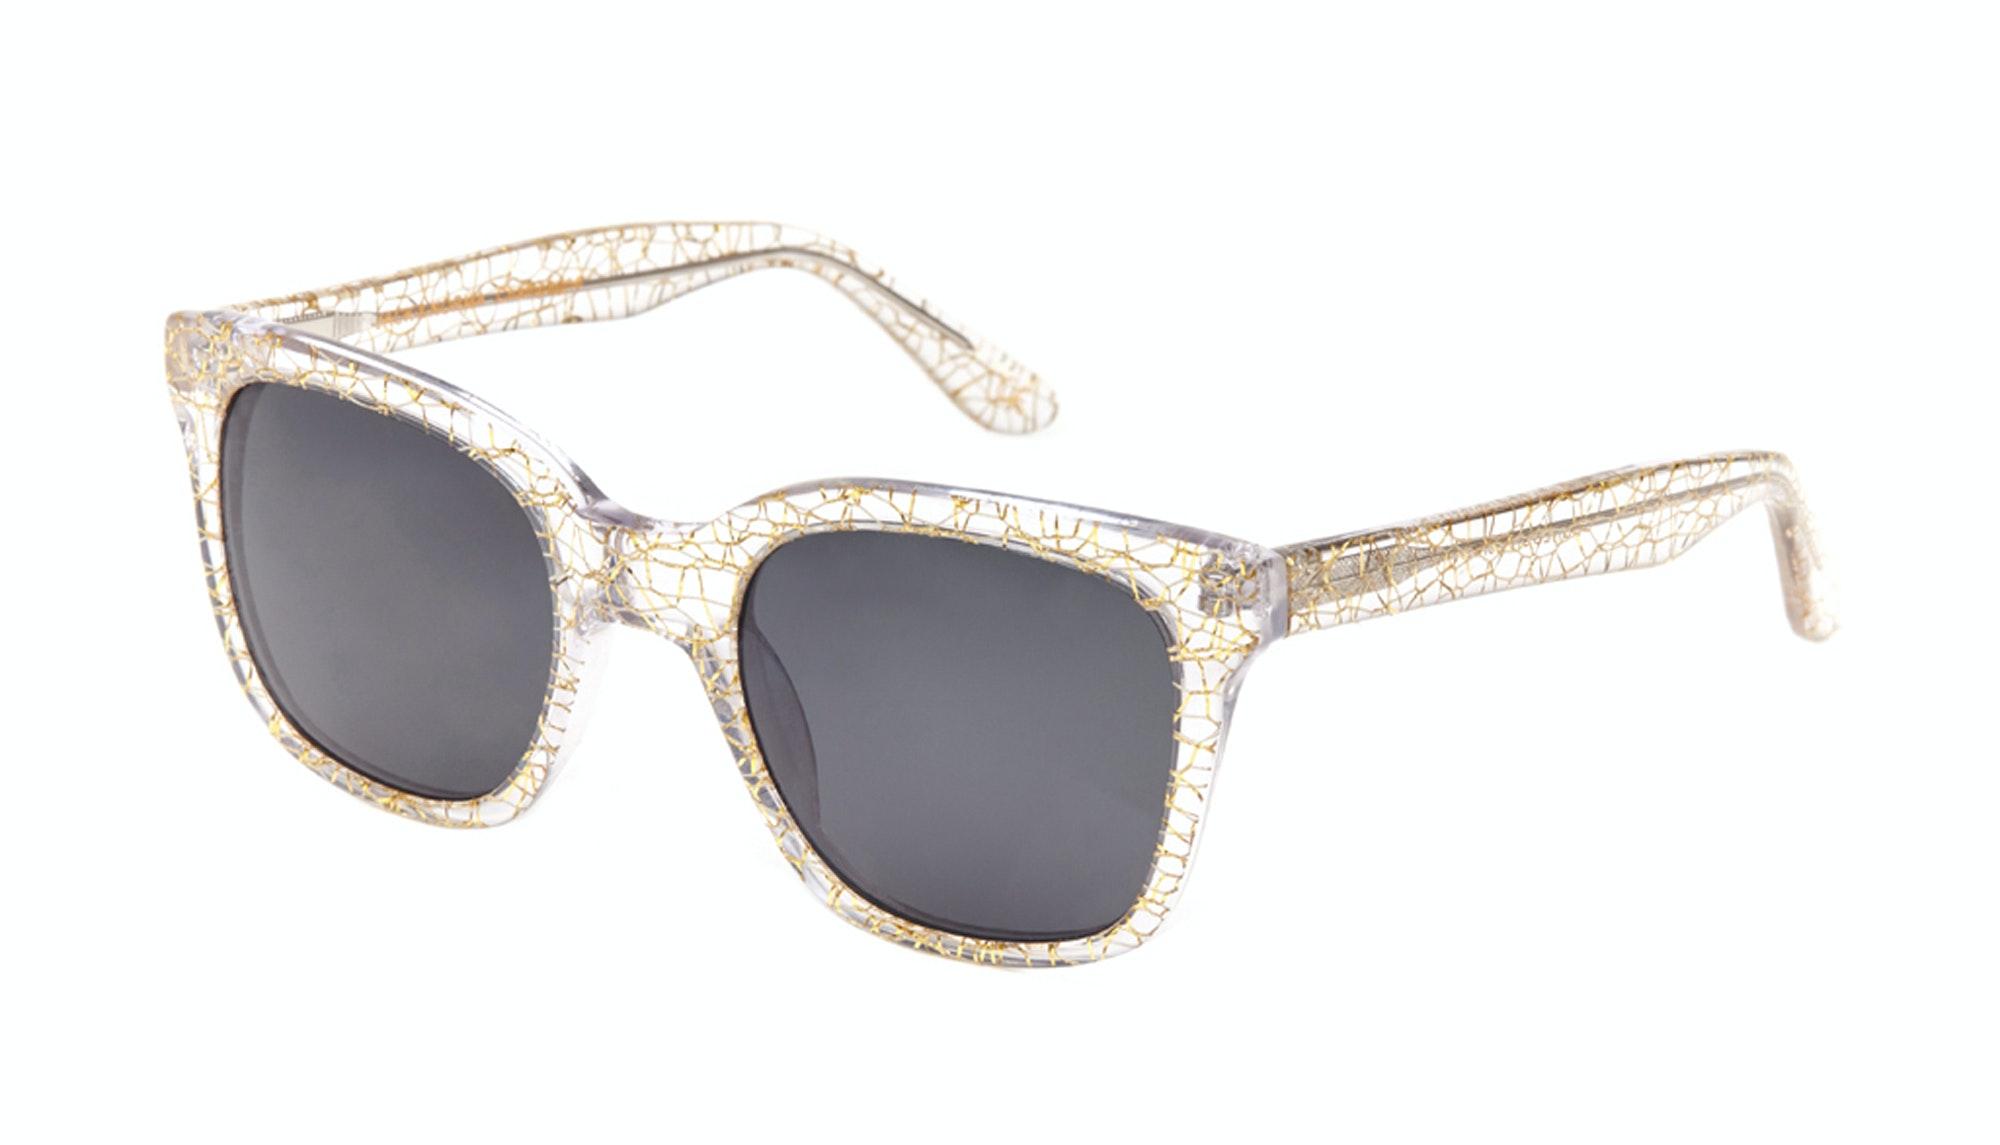 Lunettes tendance Rectangle Carrée Lunettes solaires Femmes Jack & Norma Champagne Incliné